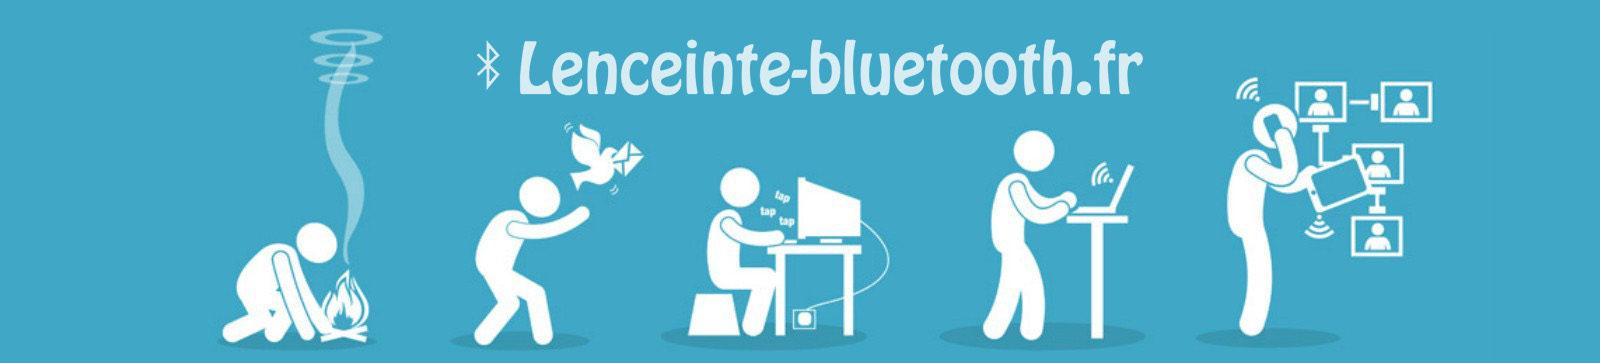 Lenceinte-bluetooth.fr : Blog sur les nouvelles technologies et le high-tech